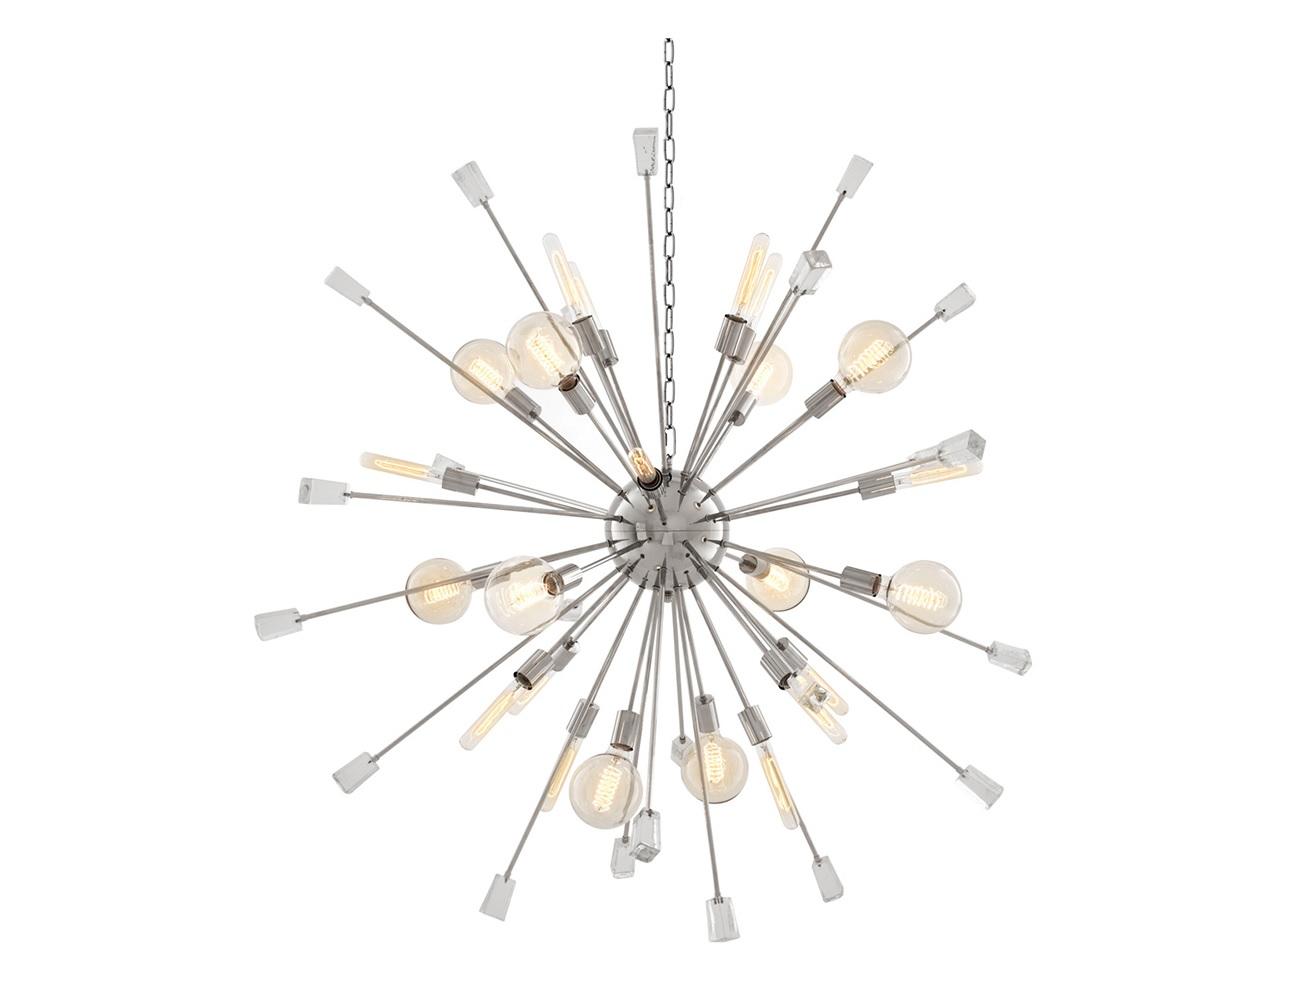 Подвесной светильник Chandelier Tivoli LПодвесные светильники<br>Подвесной светильник Chandelier Tivoli L на никелированной арматуре. Плафон с оригинальным дизайном в виде &amp;quot;одуванчика&amp;quot;. Прозрачные стеклянные кристаллы в виде декора. Высота светильника регулируется за счет звеньев цепи.&amp;lt;div&amp;gt;&amp;lt;br&amp;gt;&amp;lt;div&amp;gt;&amp;lt;div&amp;gt;&amp;lt;div&amp;gt;Вид цоколя: E27&amp;lt;/div&amp;gt;&amp;lt;div&amp;gt;Мощность лампы: 40W&amp;lt;/div&amp;gt;&amp;lt;div&amp;gt;Количество ламп: 24&amp;lt;/div&amp;gt;&amp;lt;/div&amp;gt;&amp;lt;div&amp;gt;&amp;lt;br&amp;gt;&amp;lt;/div&amp;gt;&amp;lt;div&amp;gt;Лампочки в комплект не входят.&amp;lt;/div&amp;gt;&amp;lt;/div&amp;gt;&amp;lt;/div&amp;gt;<br><br>Material: Металл<br>Width см: 148<br>Depth см: 148<br>Height см: 148